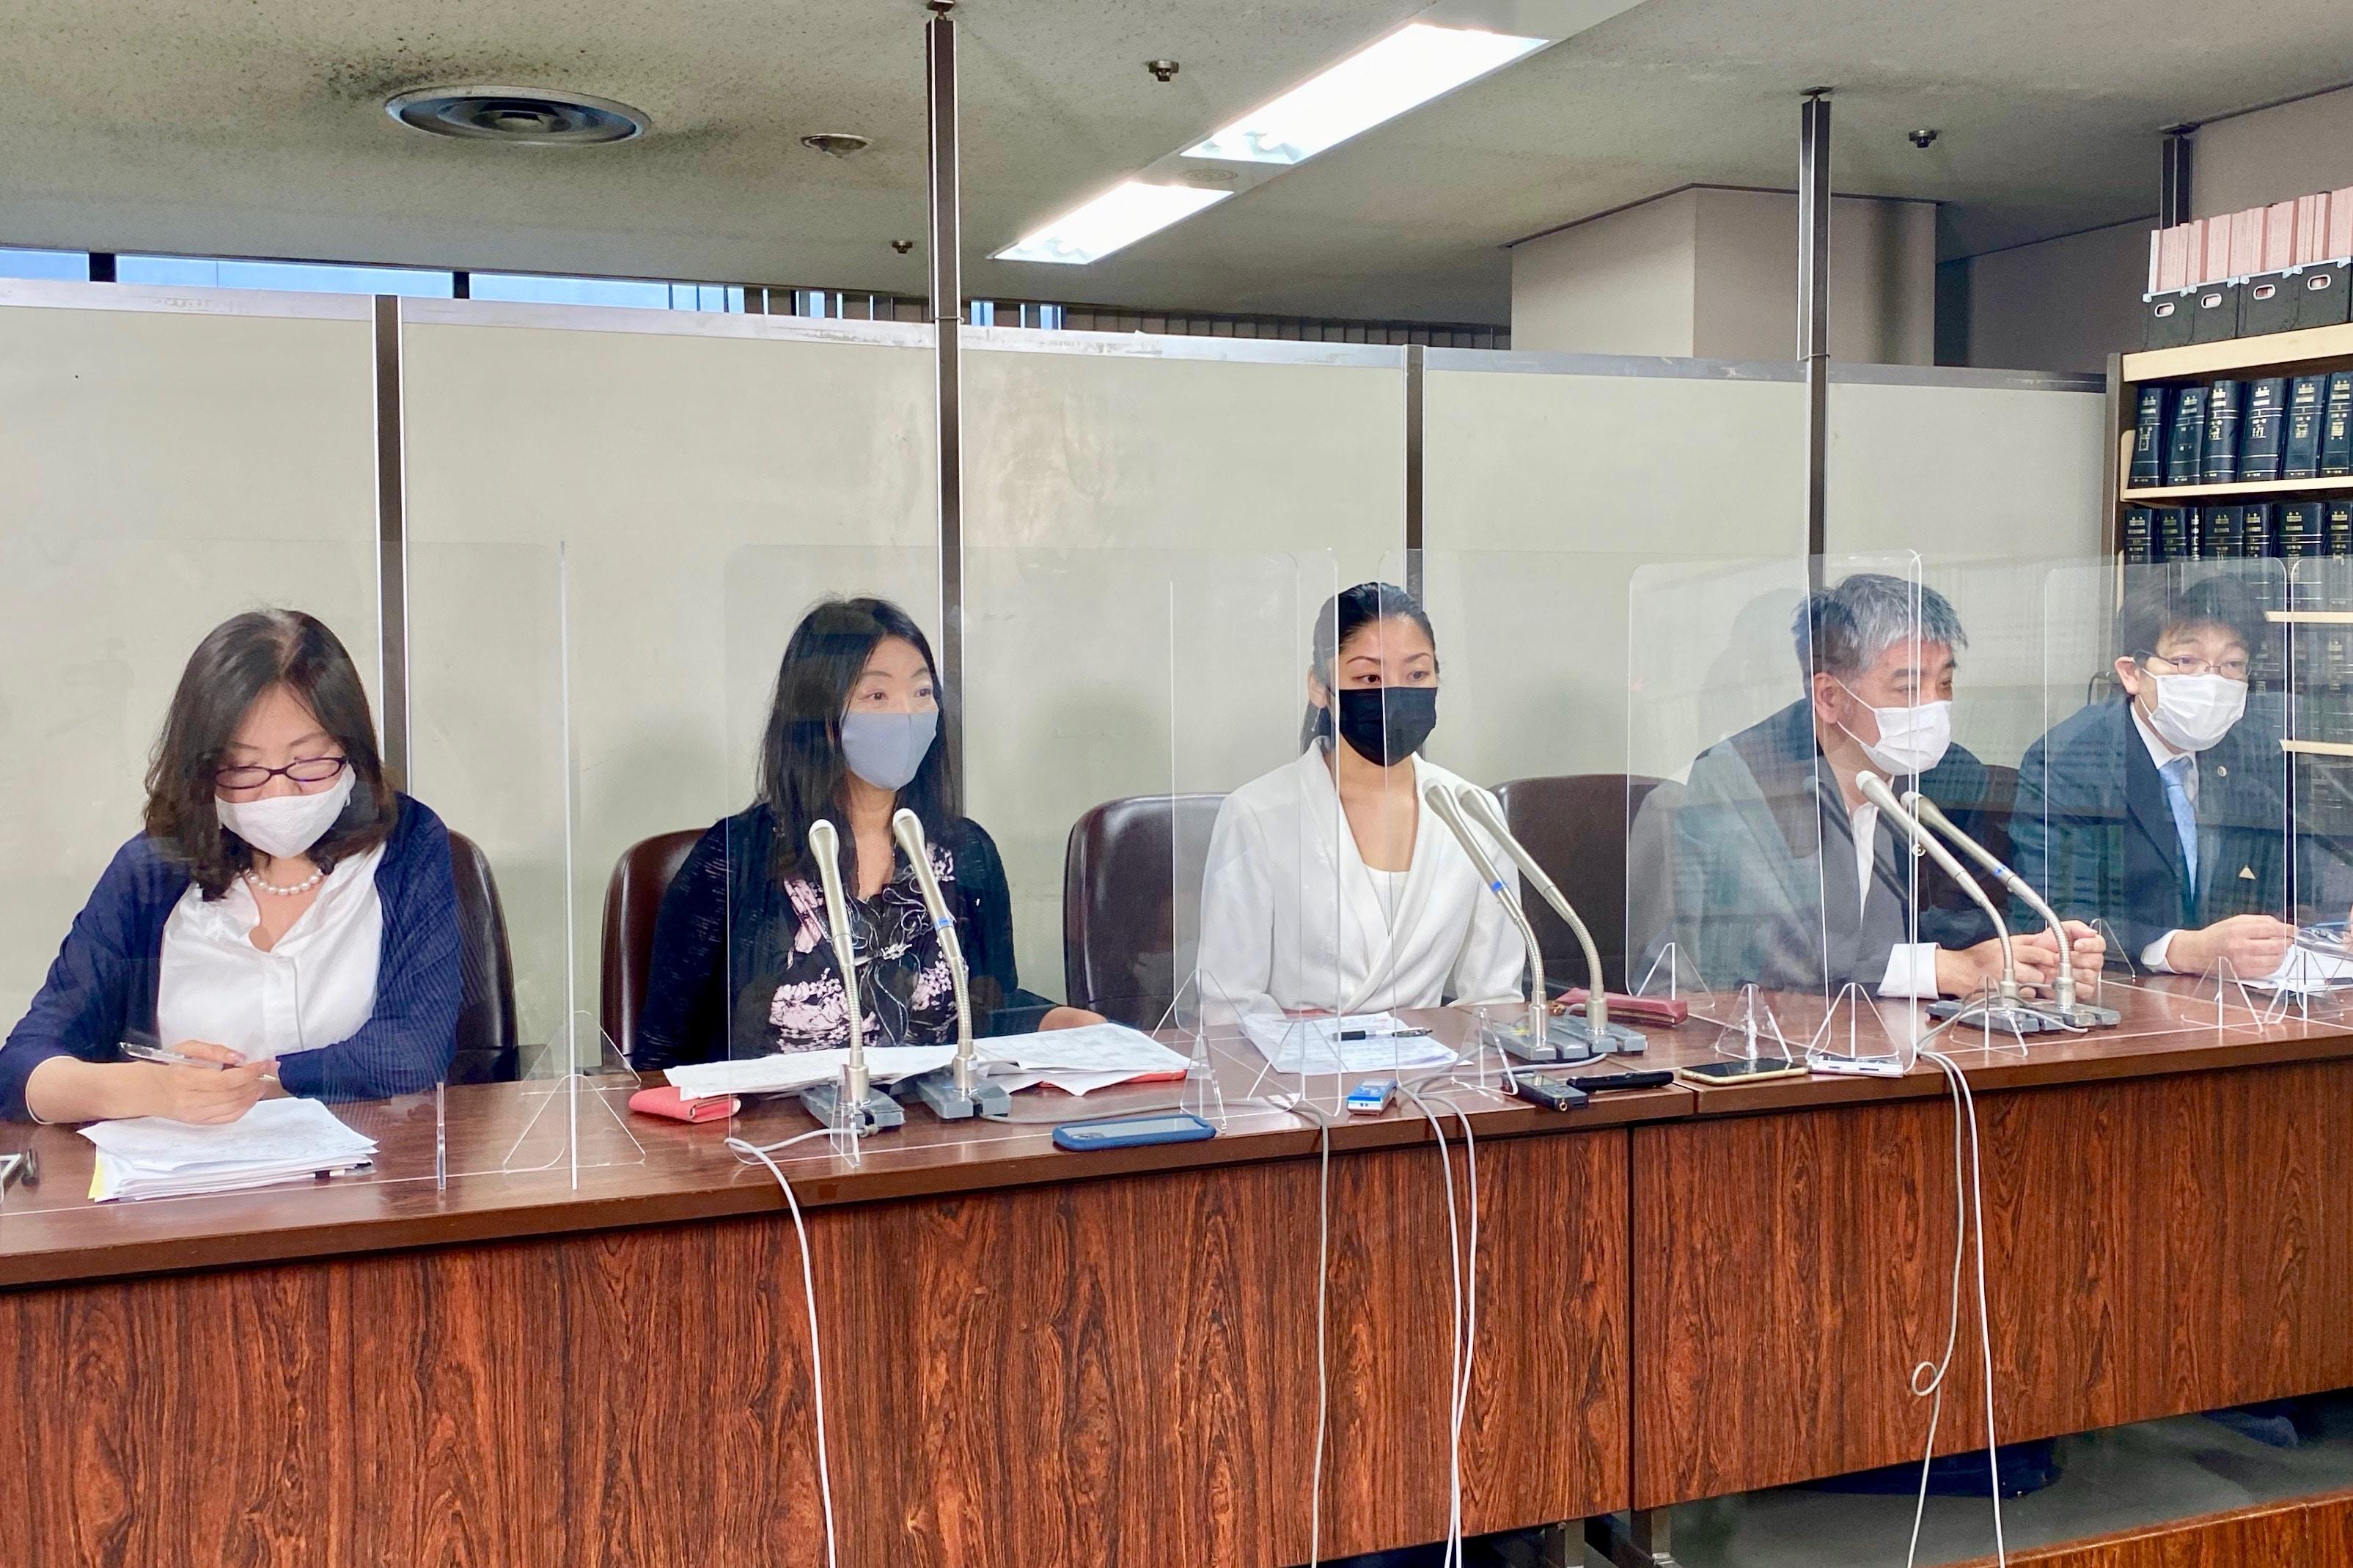 福田さんと代理人弁護士ら